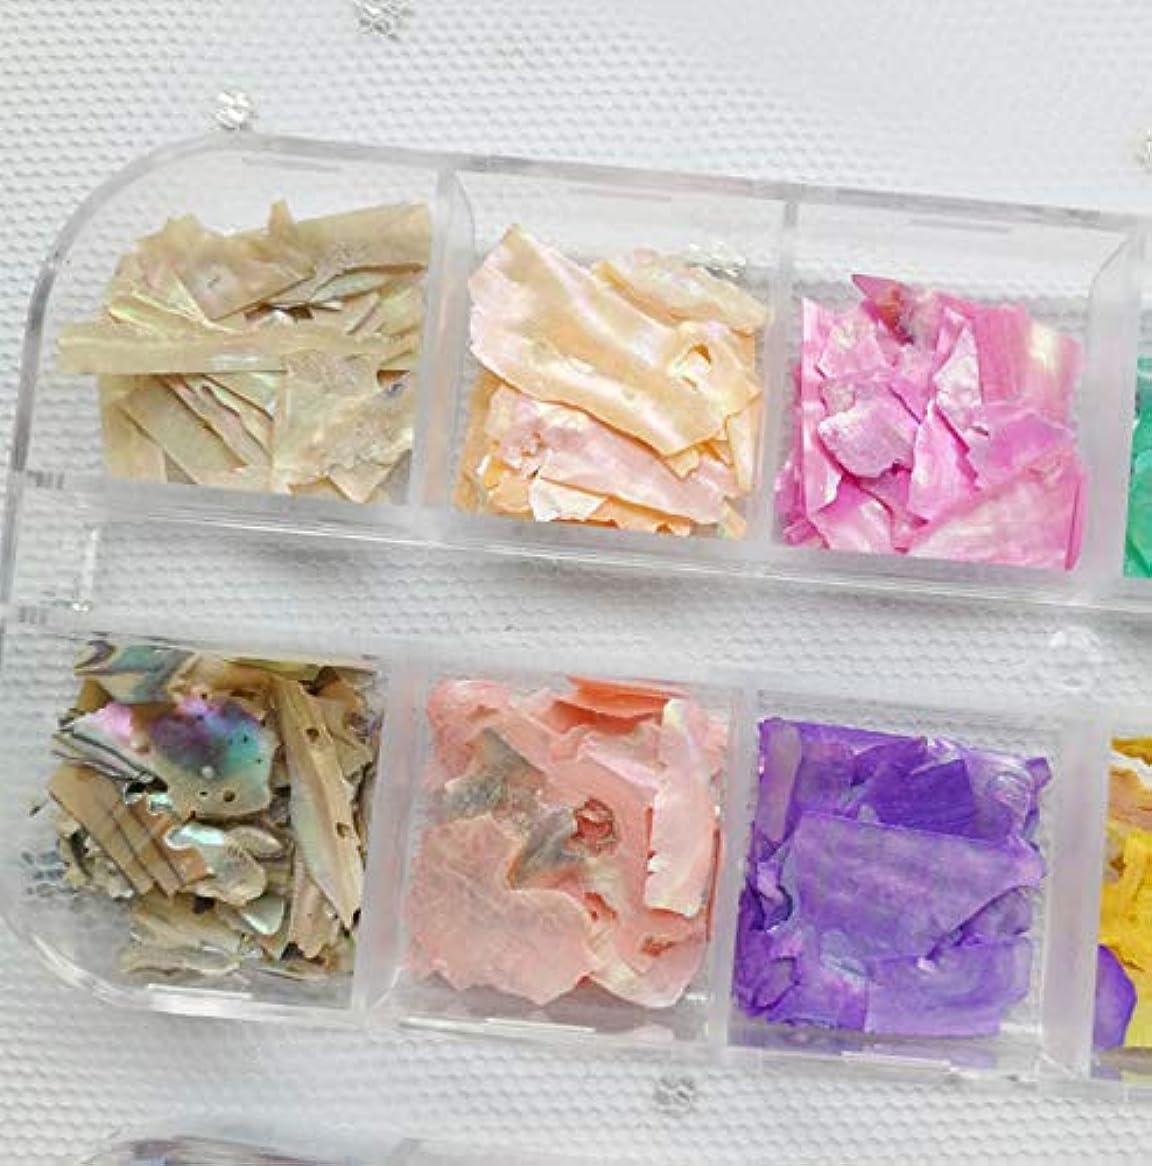 雪だるま市の花虫を数えるシェルフレーク 夏ネイル用 貝殻片 ネイルアート ネイルパーツ ネイルアクセサリー 天然 可愛い カラー 超薄 12色/セット ケース付き